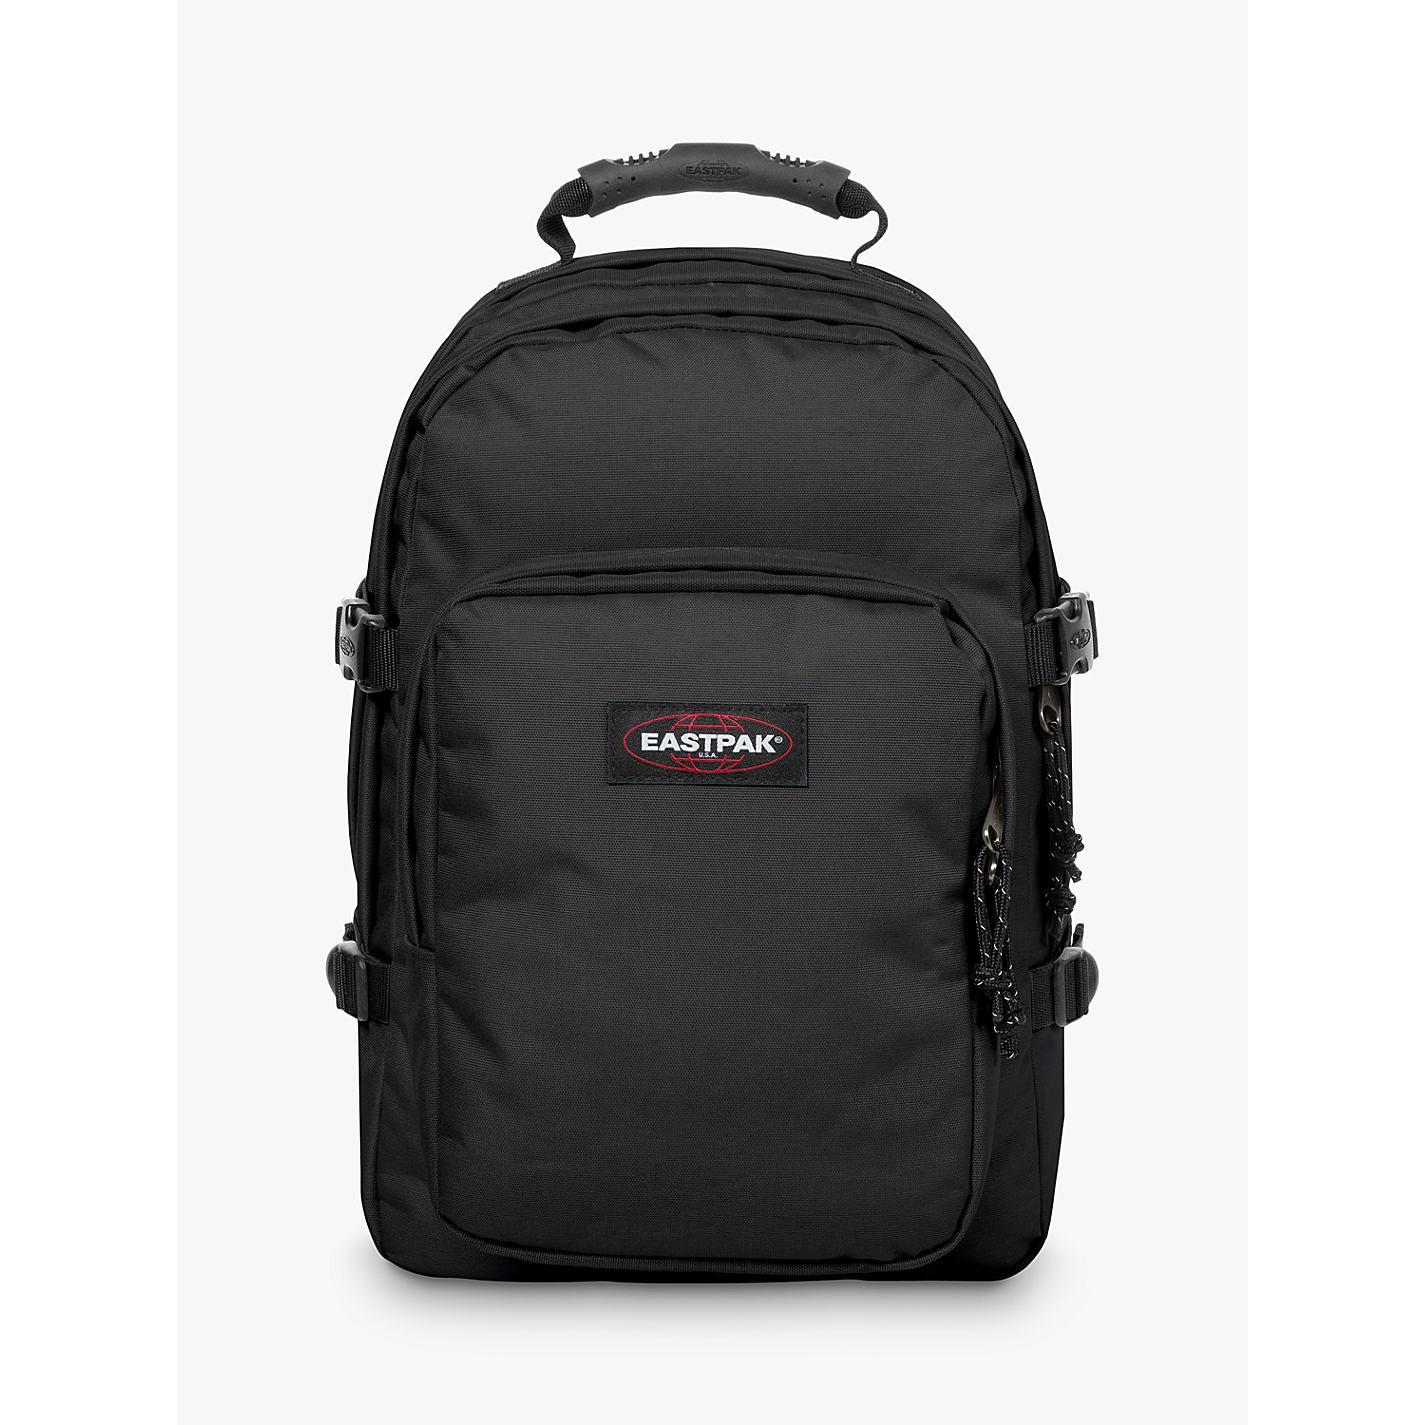 eastpak rolling backpack Backpack Tools